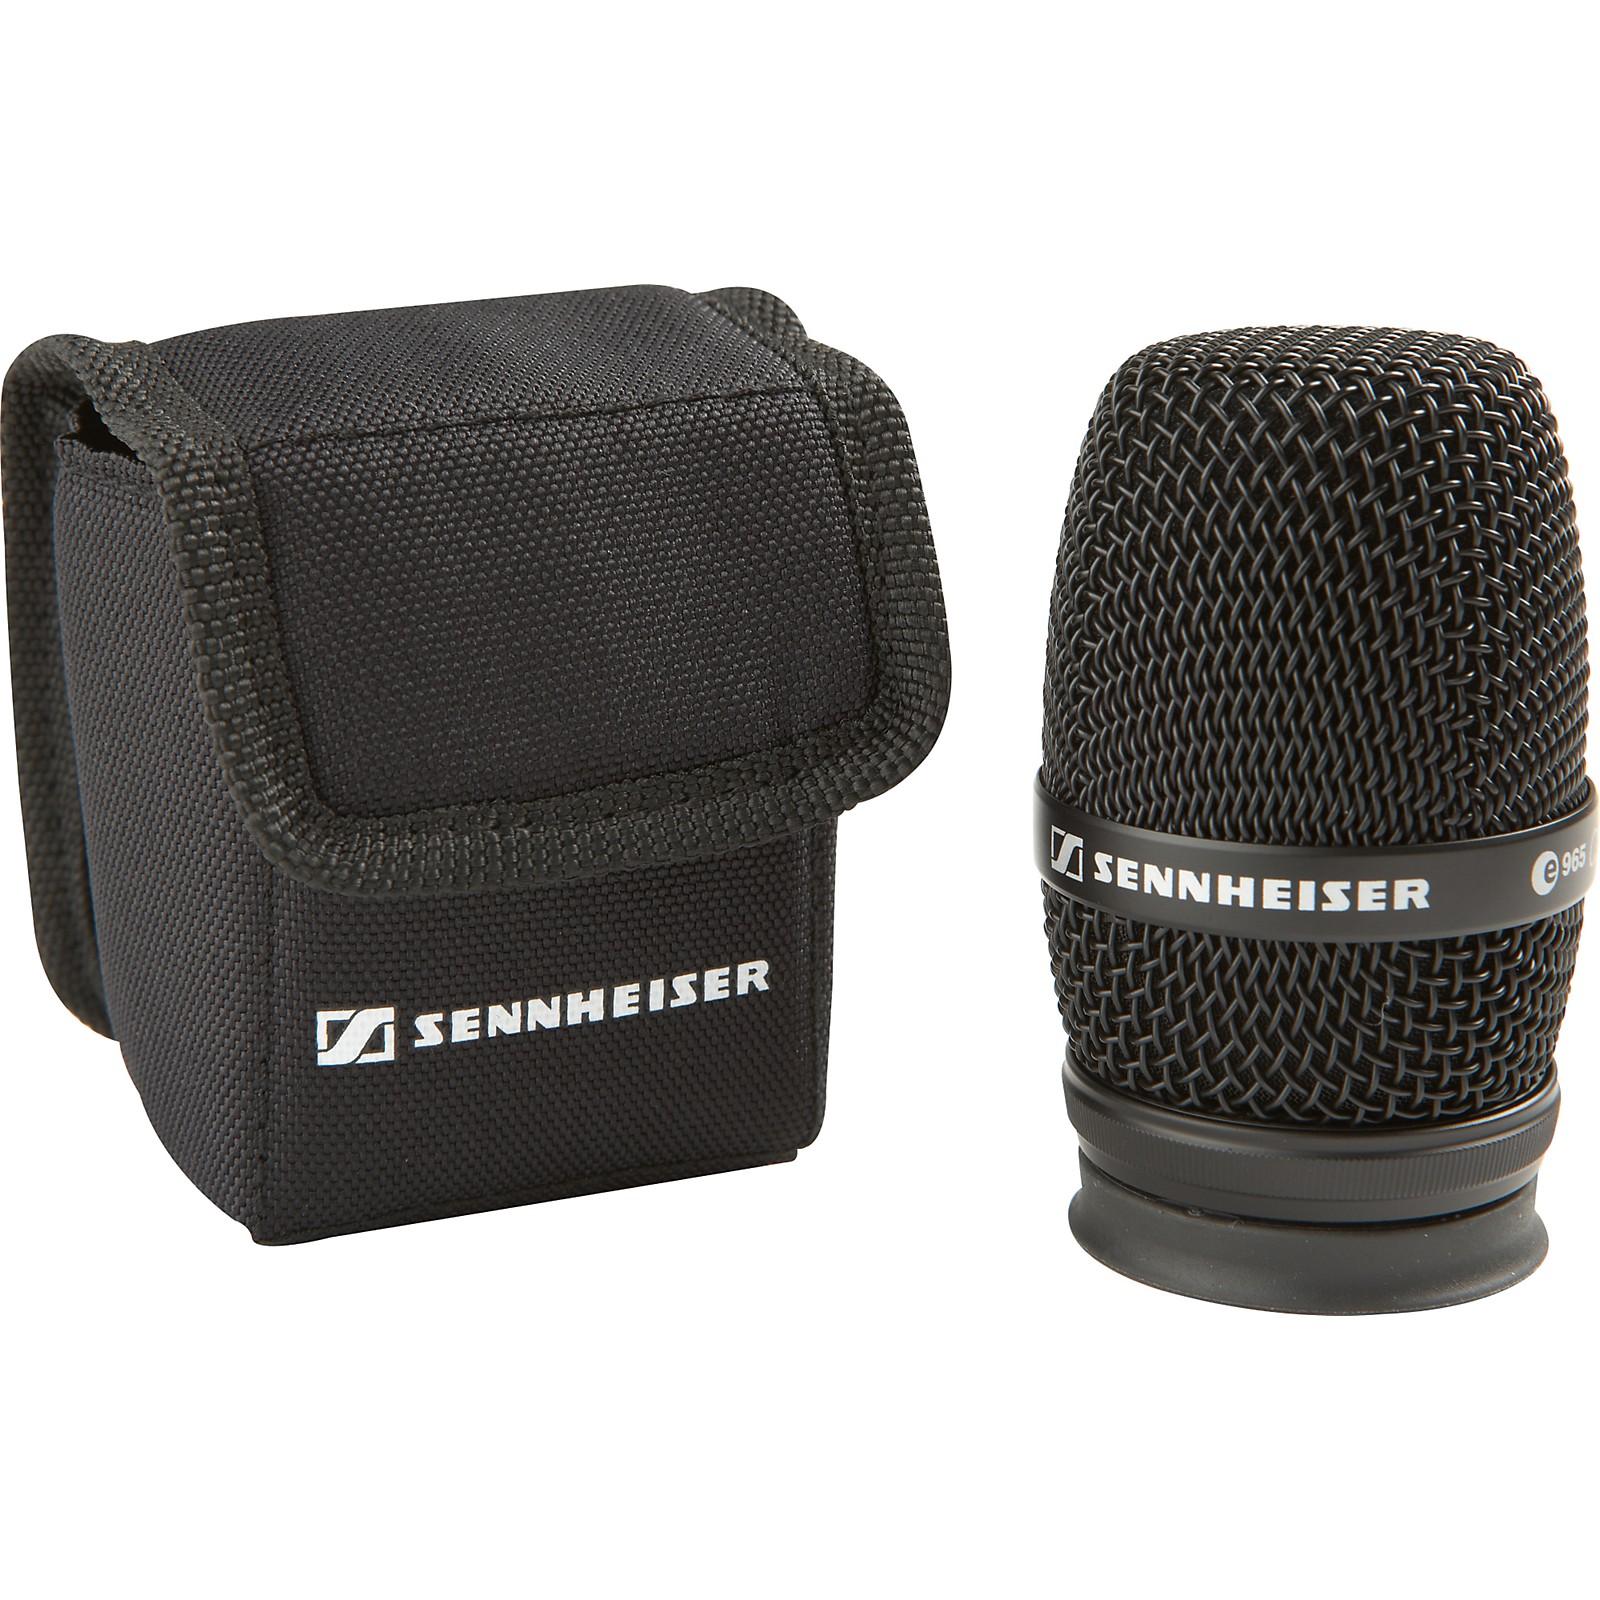 Sennheiser MMK 965-1 e965 Wireless Microphone Capsule